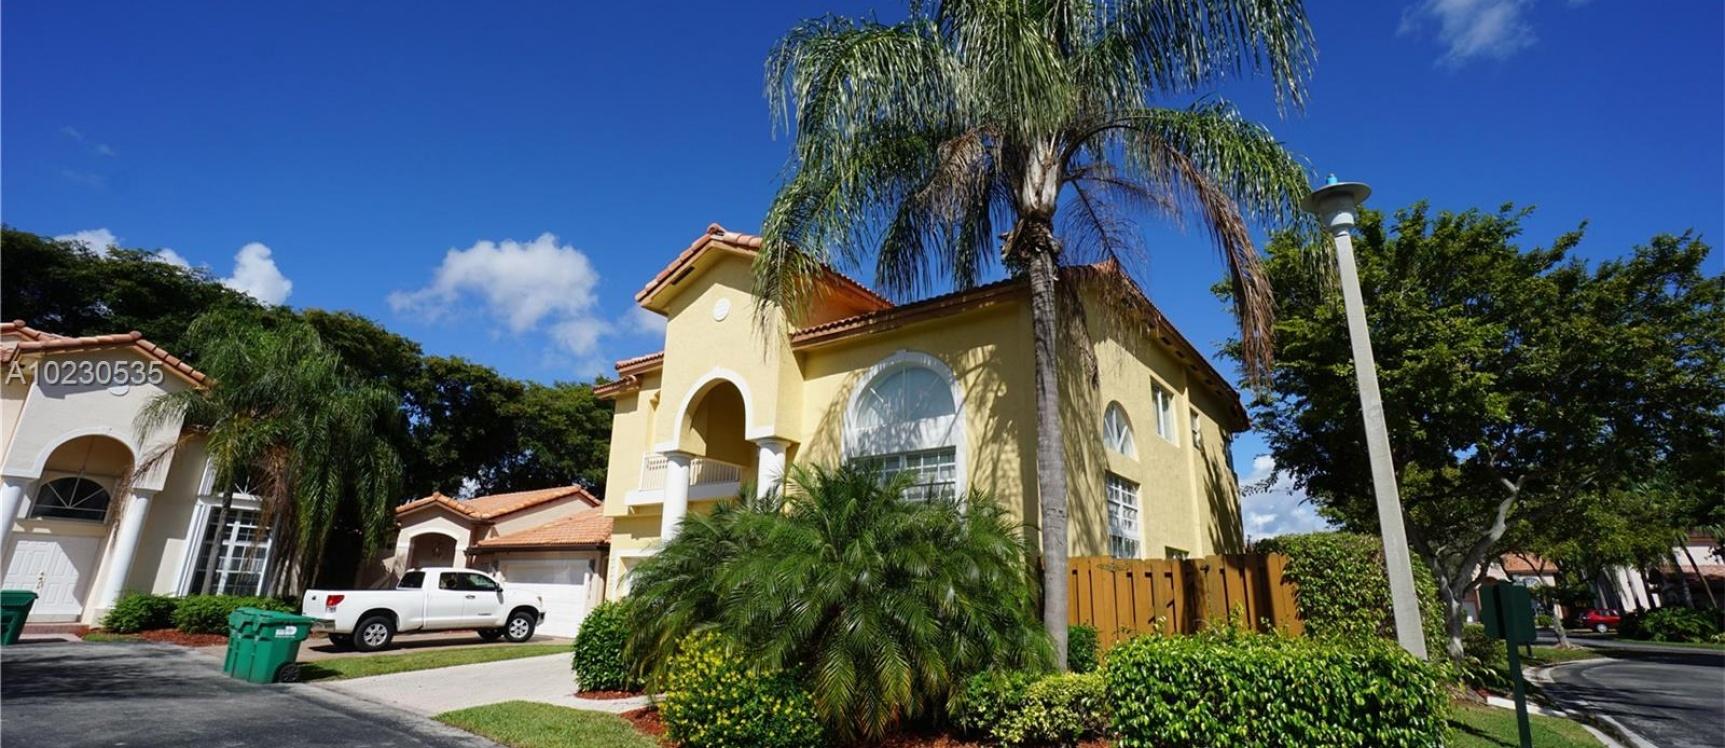 GeoBienes - Casa a la Venta en Miami - DORAL ISLES CAYMAN - Plusvalia Guayaquil Casas de venta y alquiler Inmobiliaria Ecuador